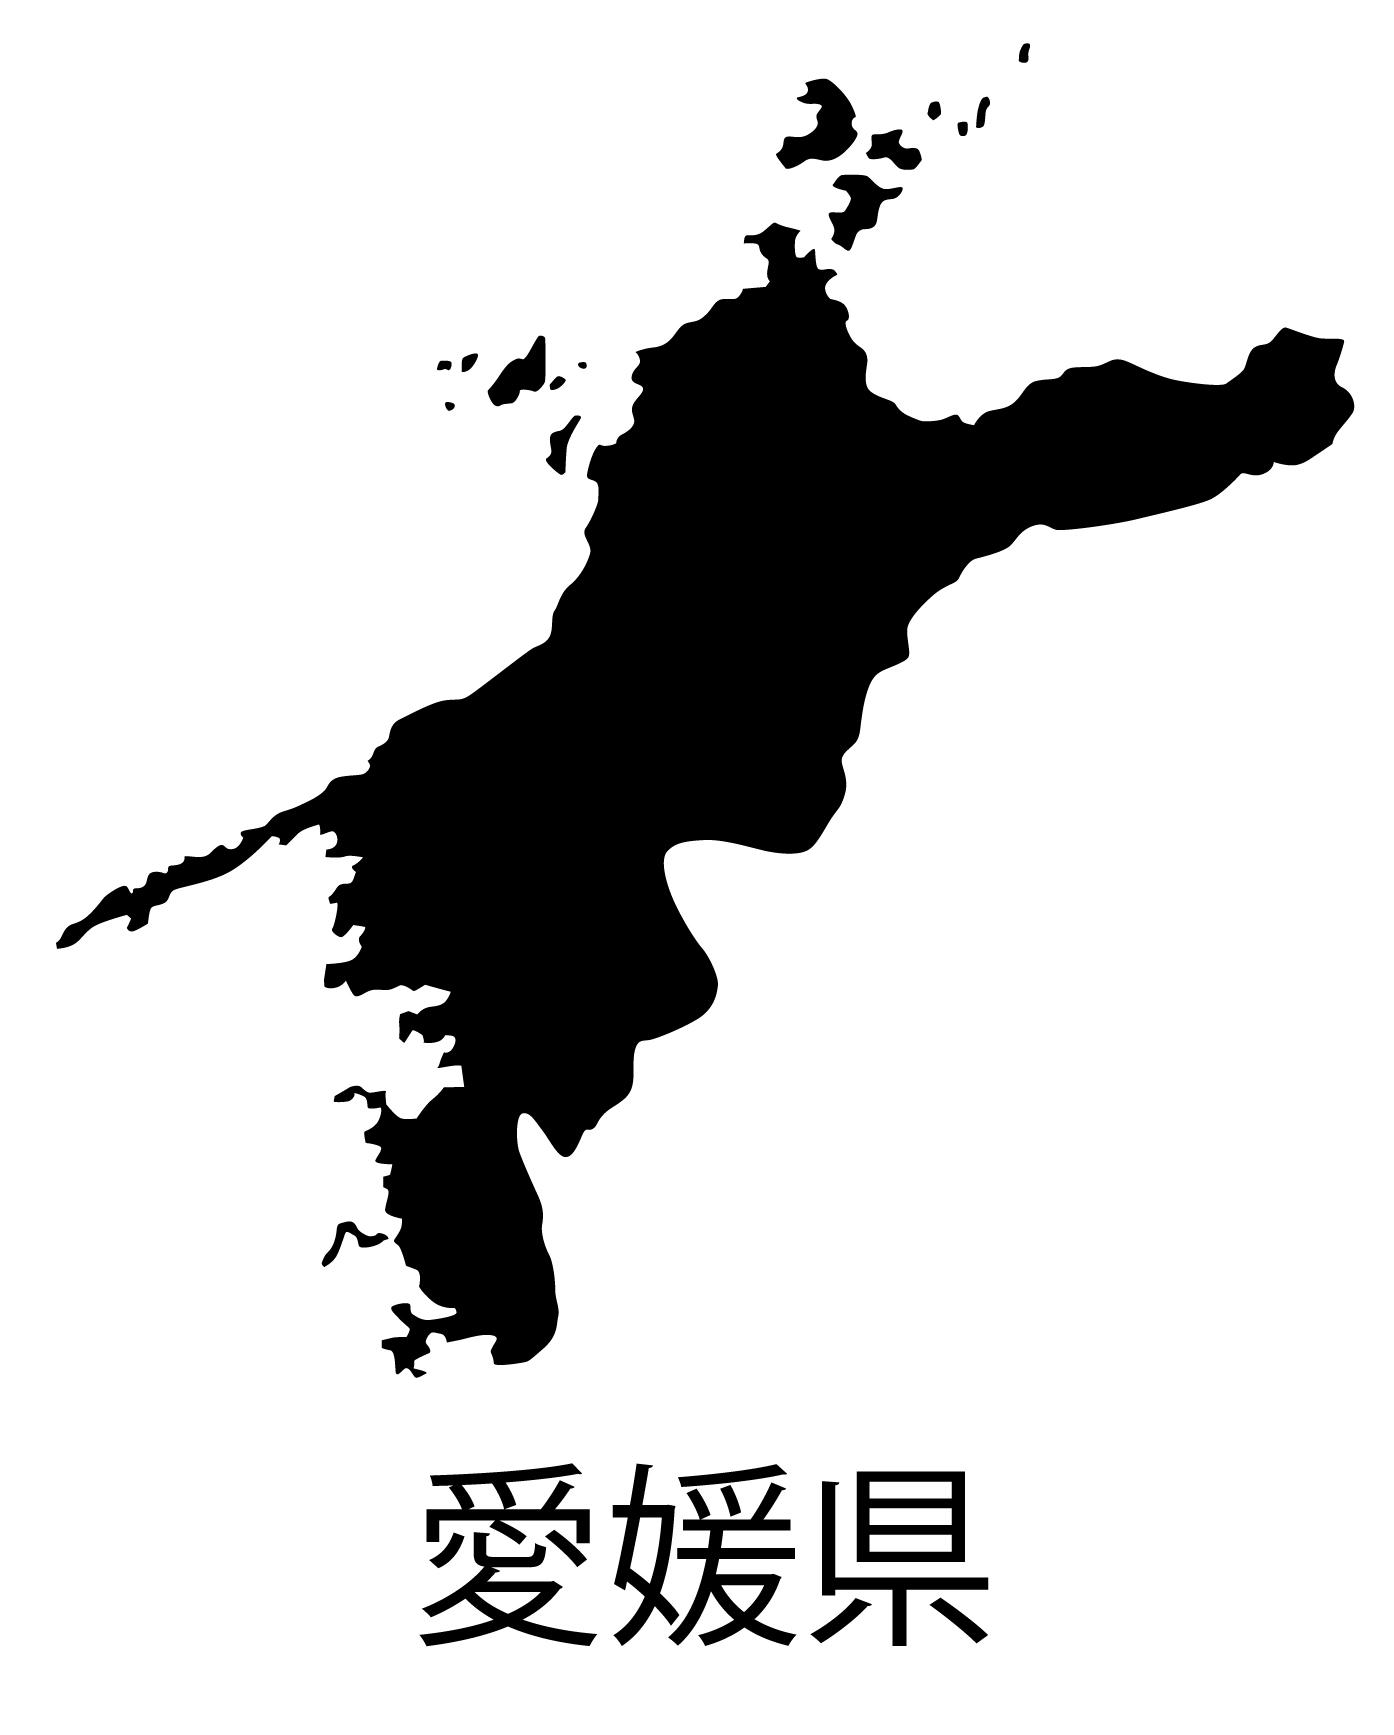 愛媛県無料フリーイラスト|日本語・都道府県名あり(黒)